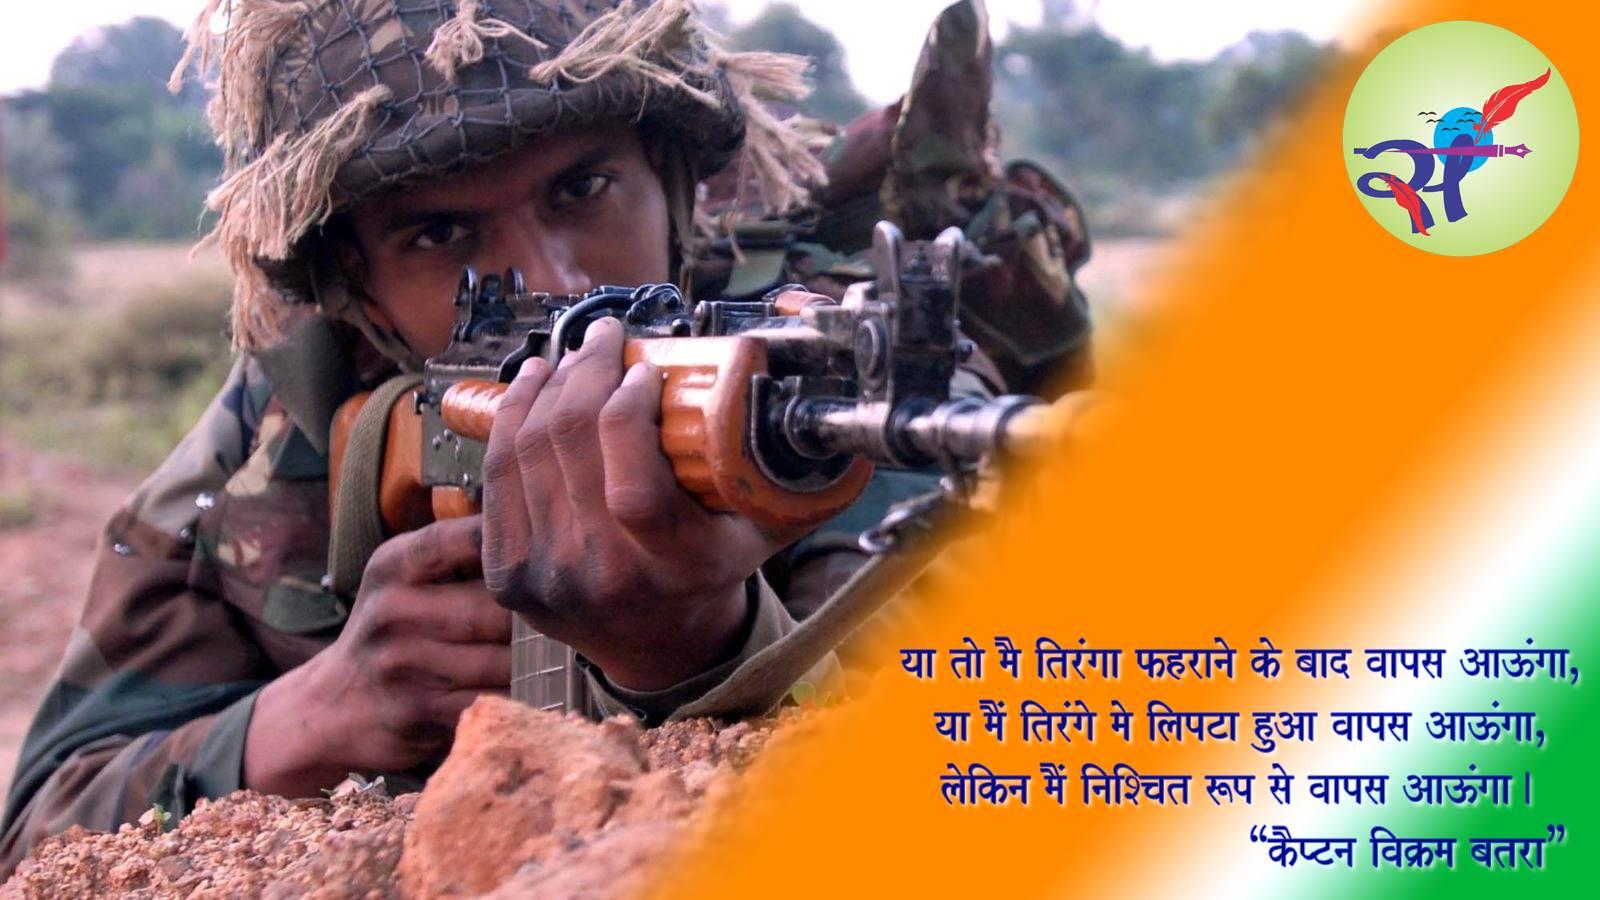 National Army Day राष्ट्रिय सेना दिवस